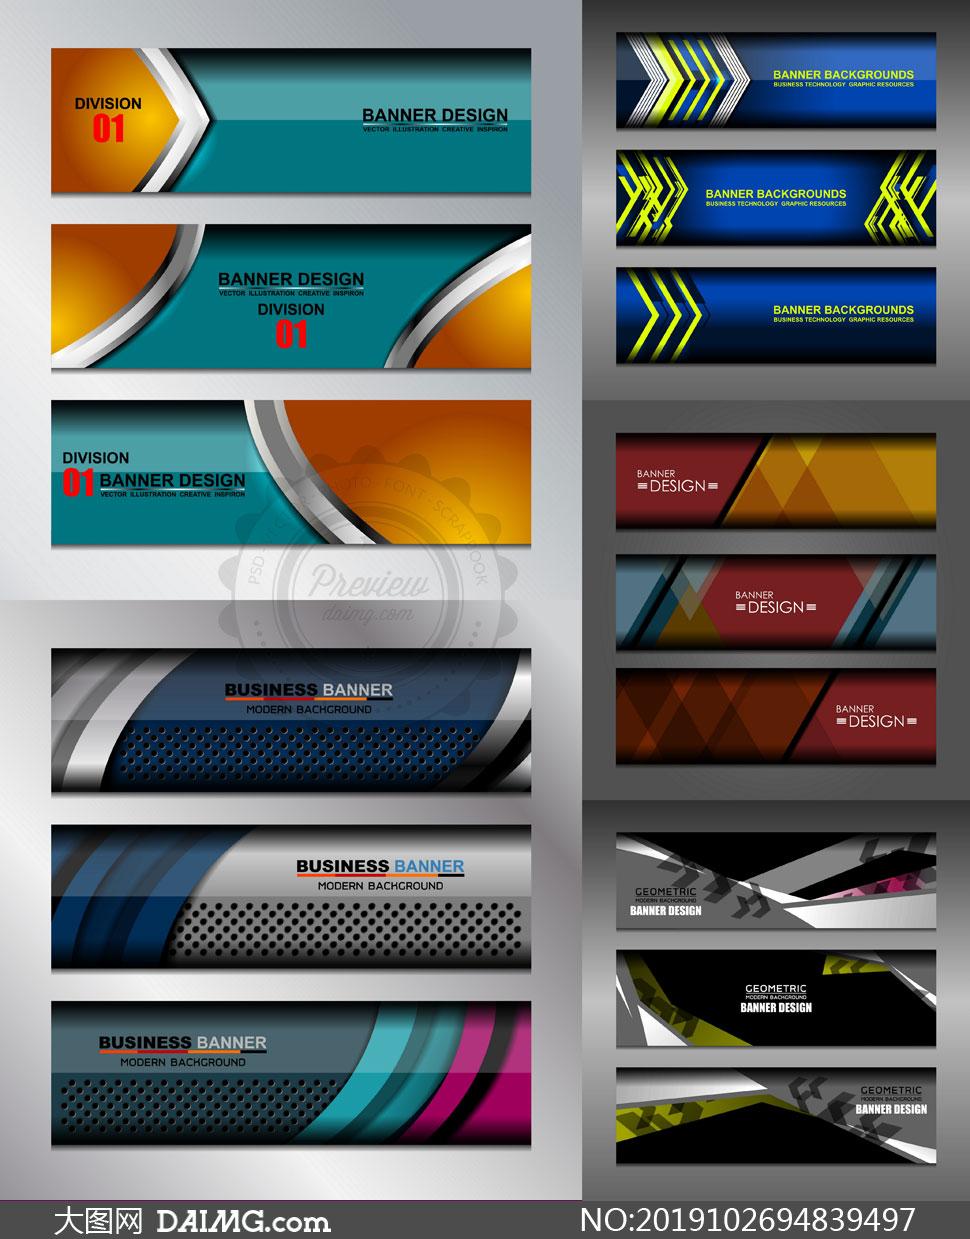 多款BANNER版式设计矢量素材集V05